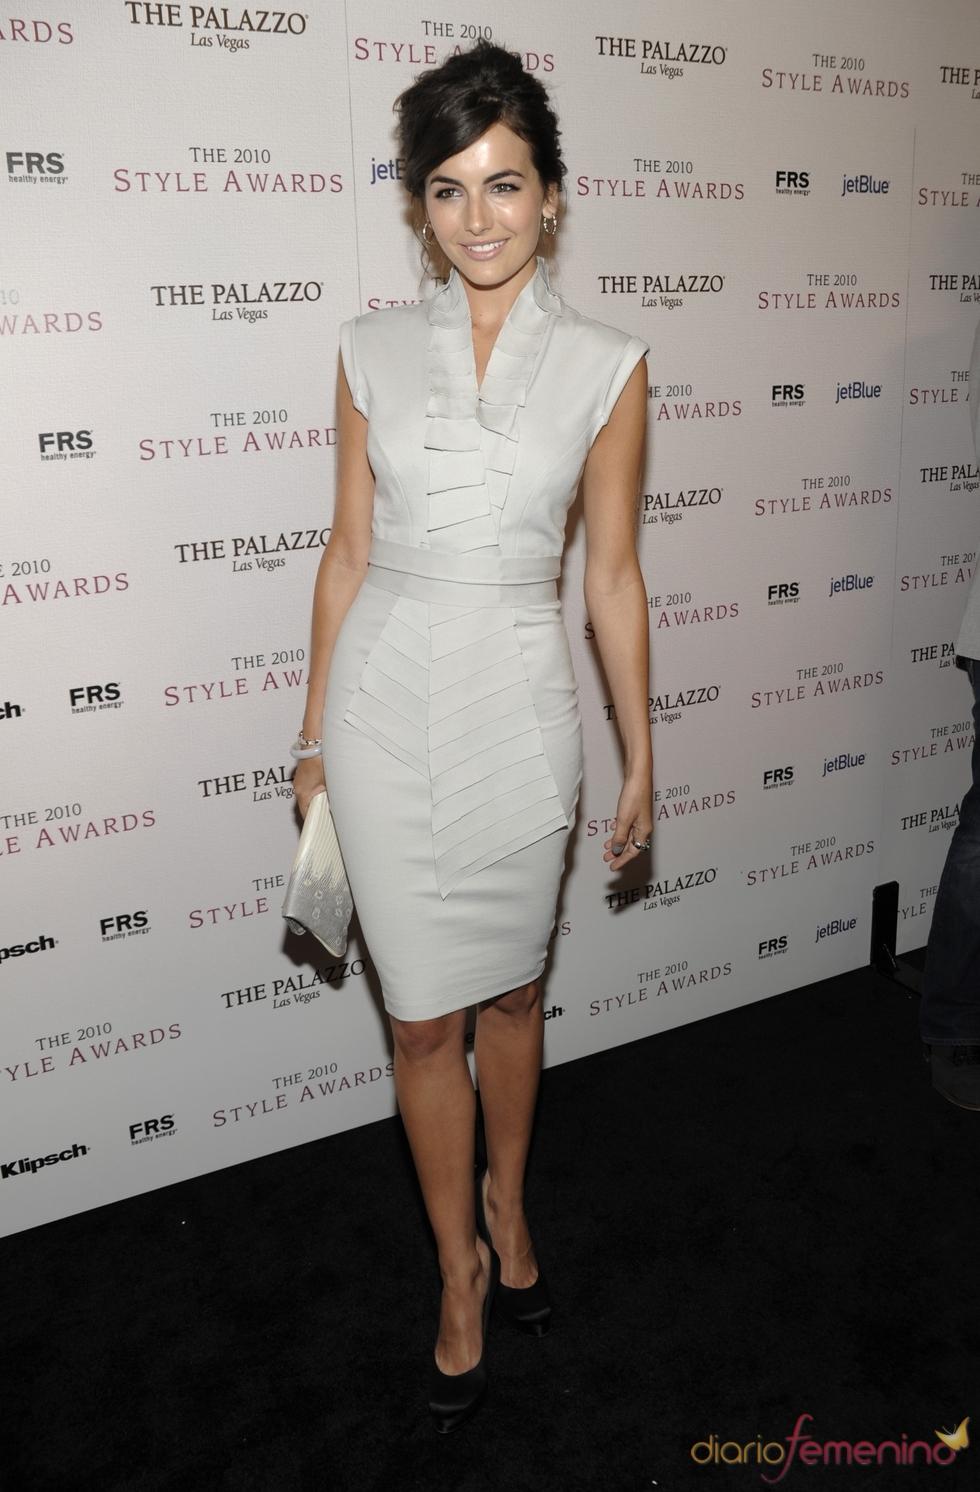 Camilla Belle en los Premios Hollywood Style 2010